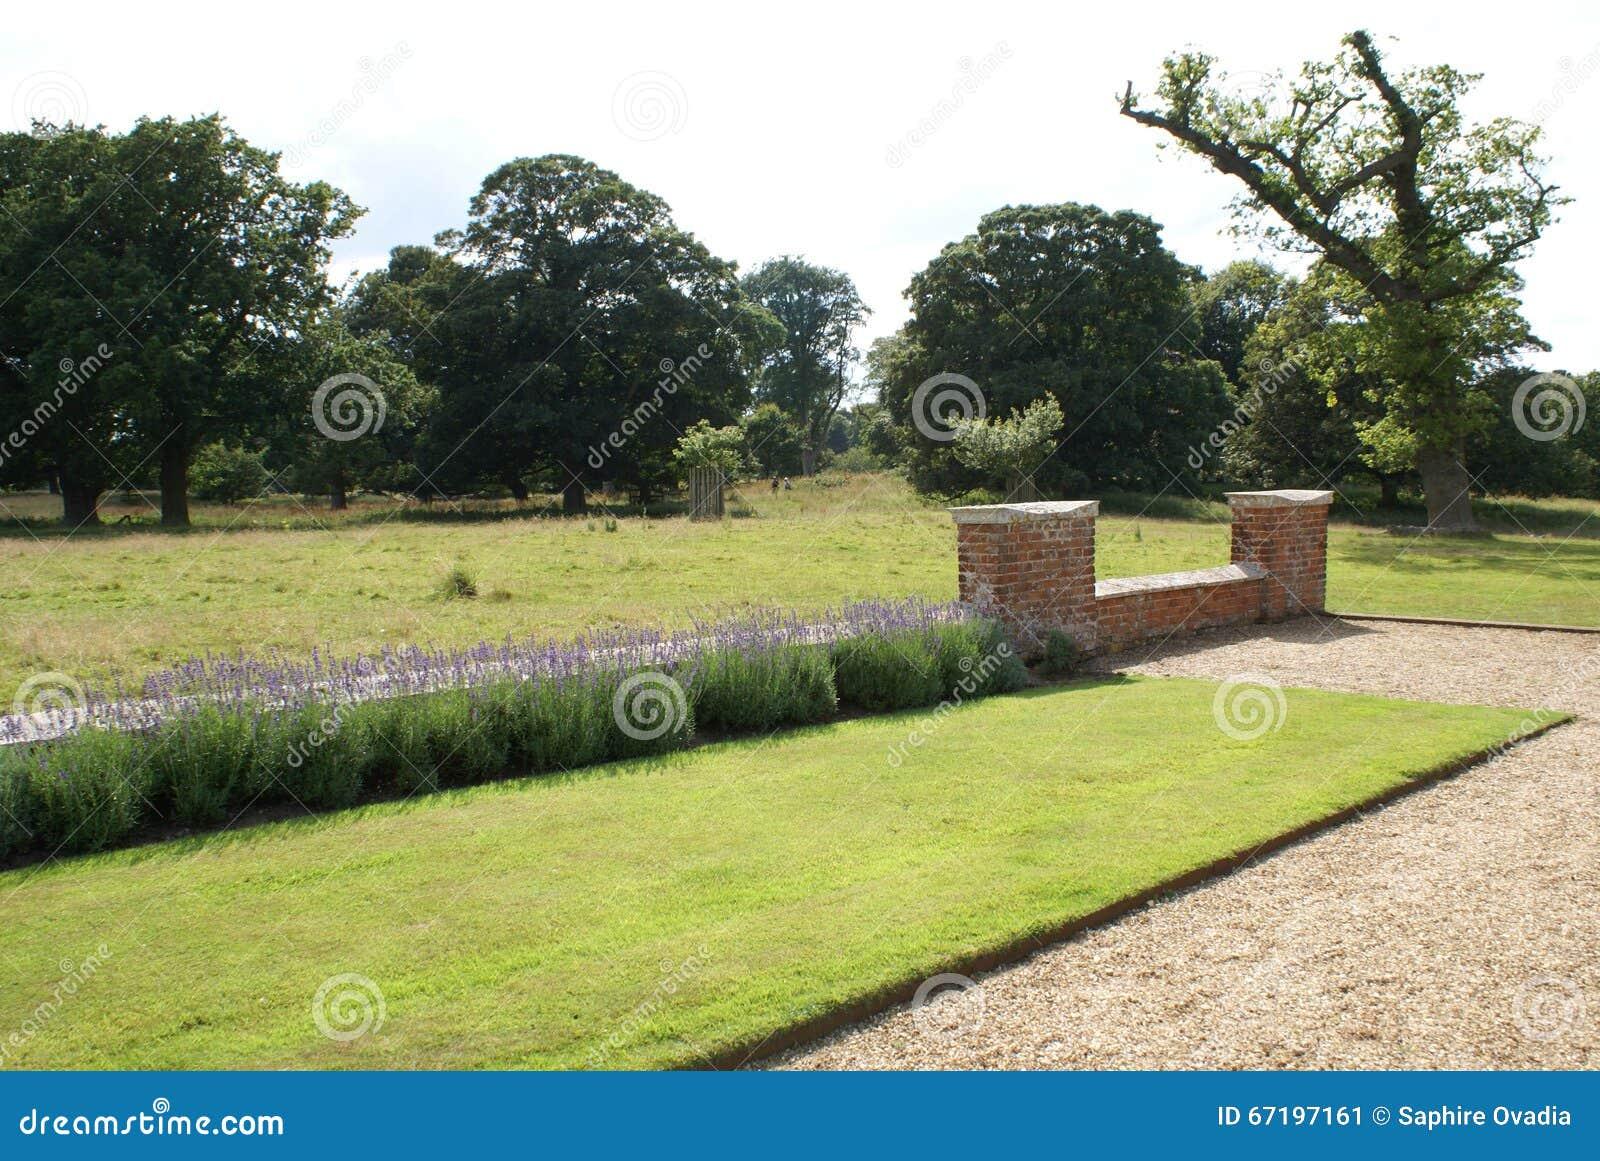 Cour Gravier destiné chemin et mur de gravier de cour image stock - image du formel